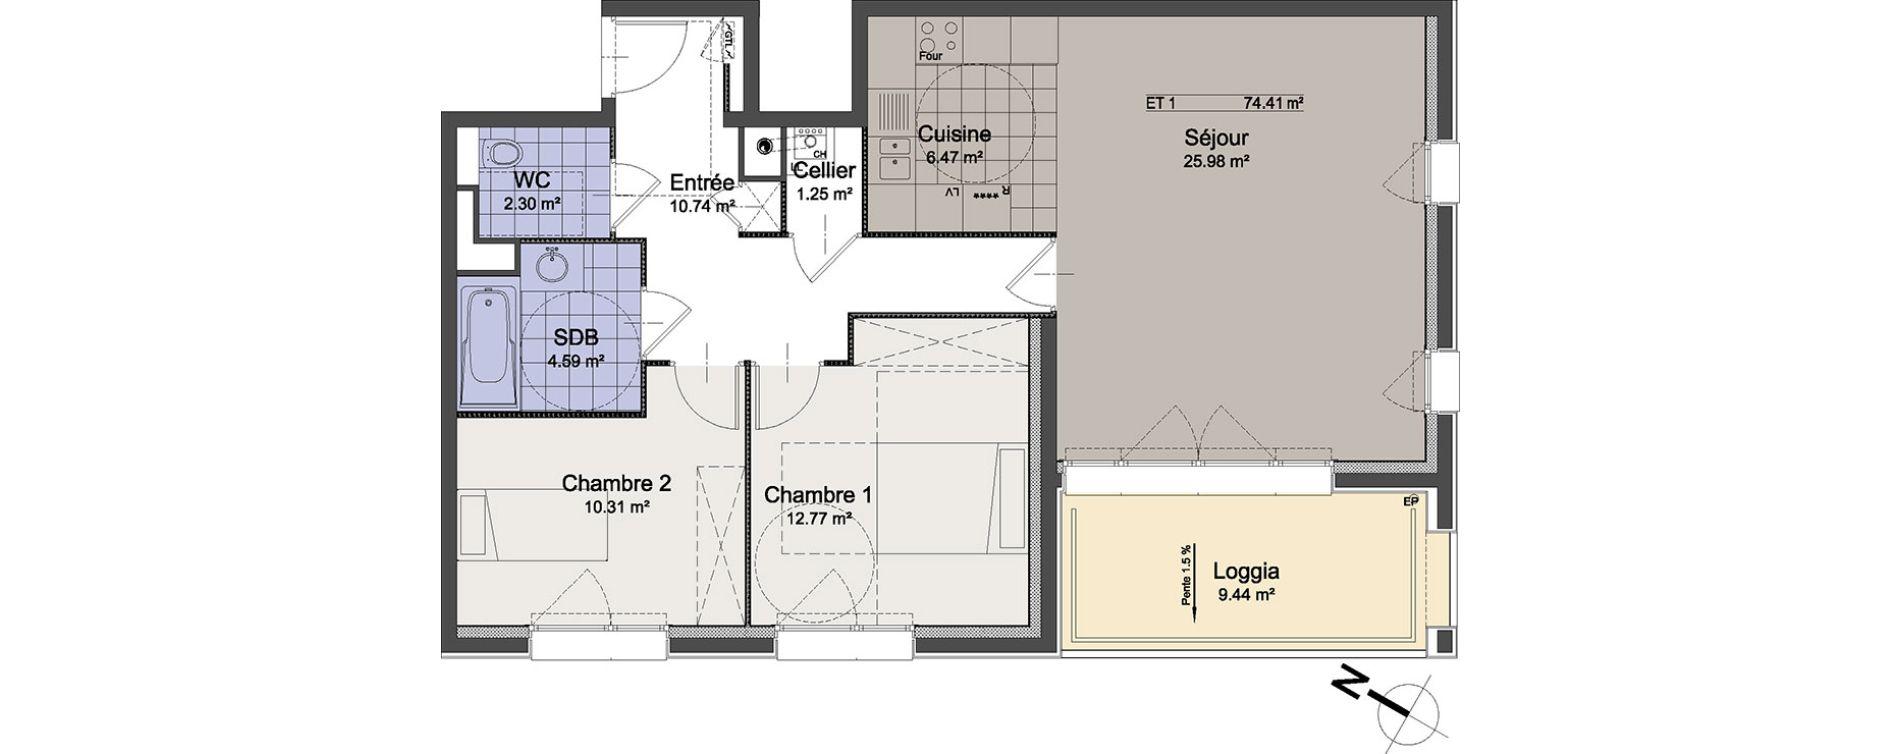 Appartement T3 de 74,41 m2 à Linselles Centre